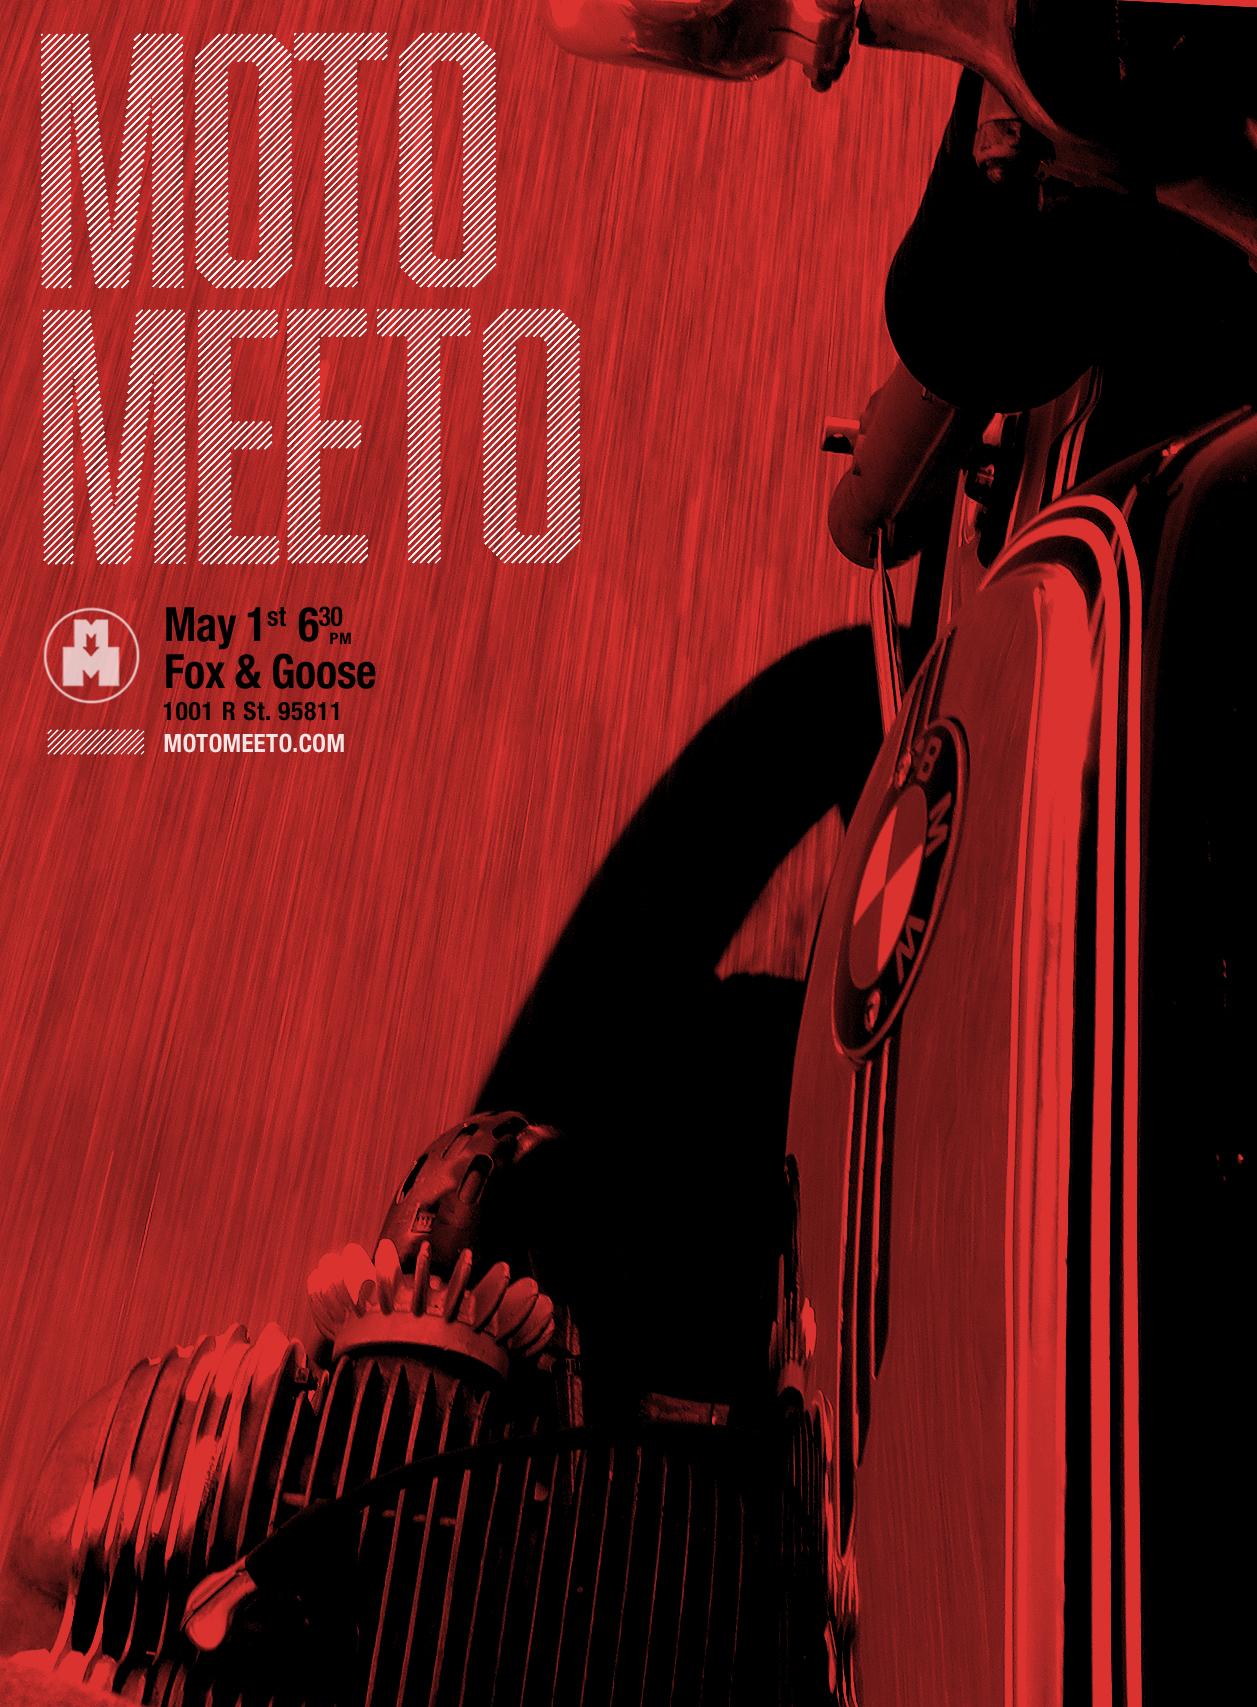 Meeto_May